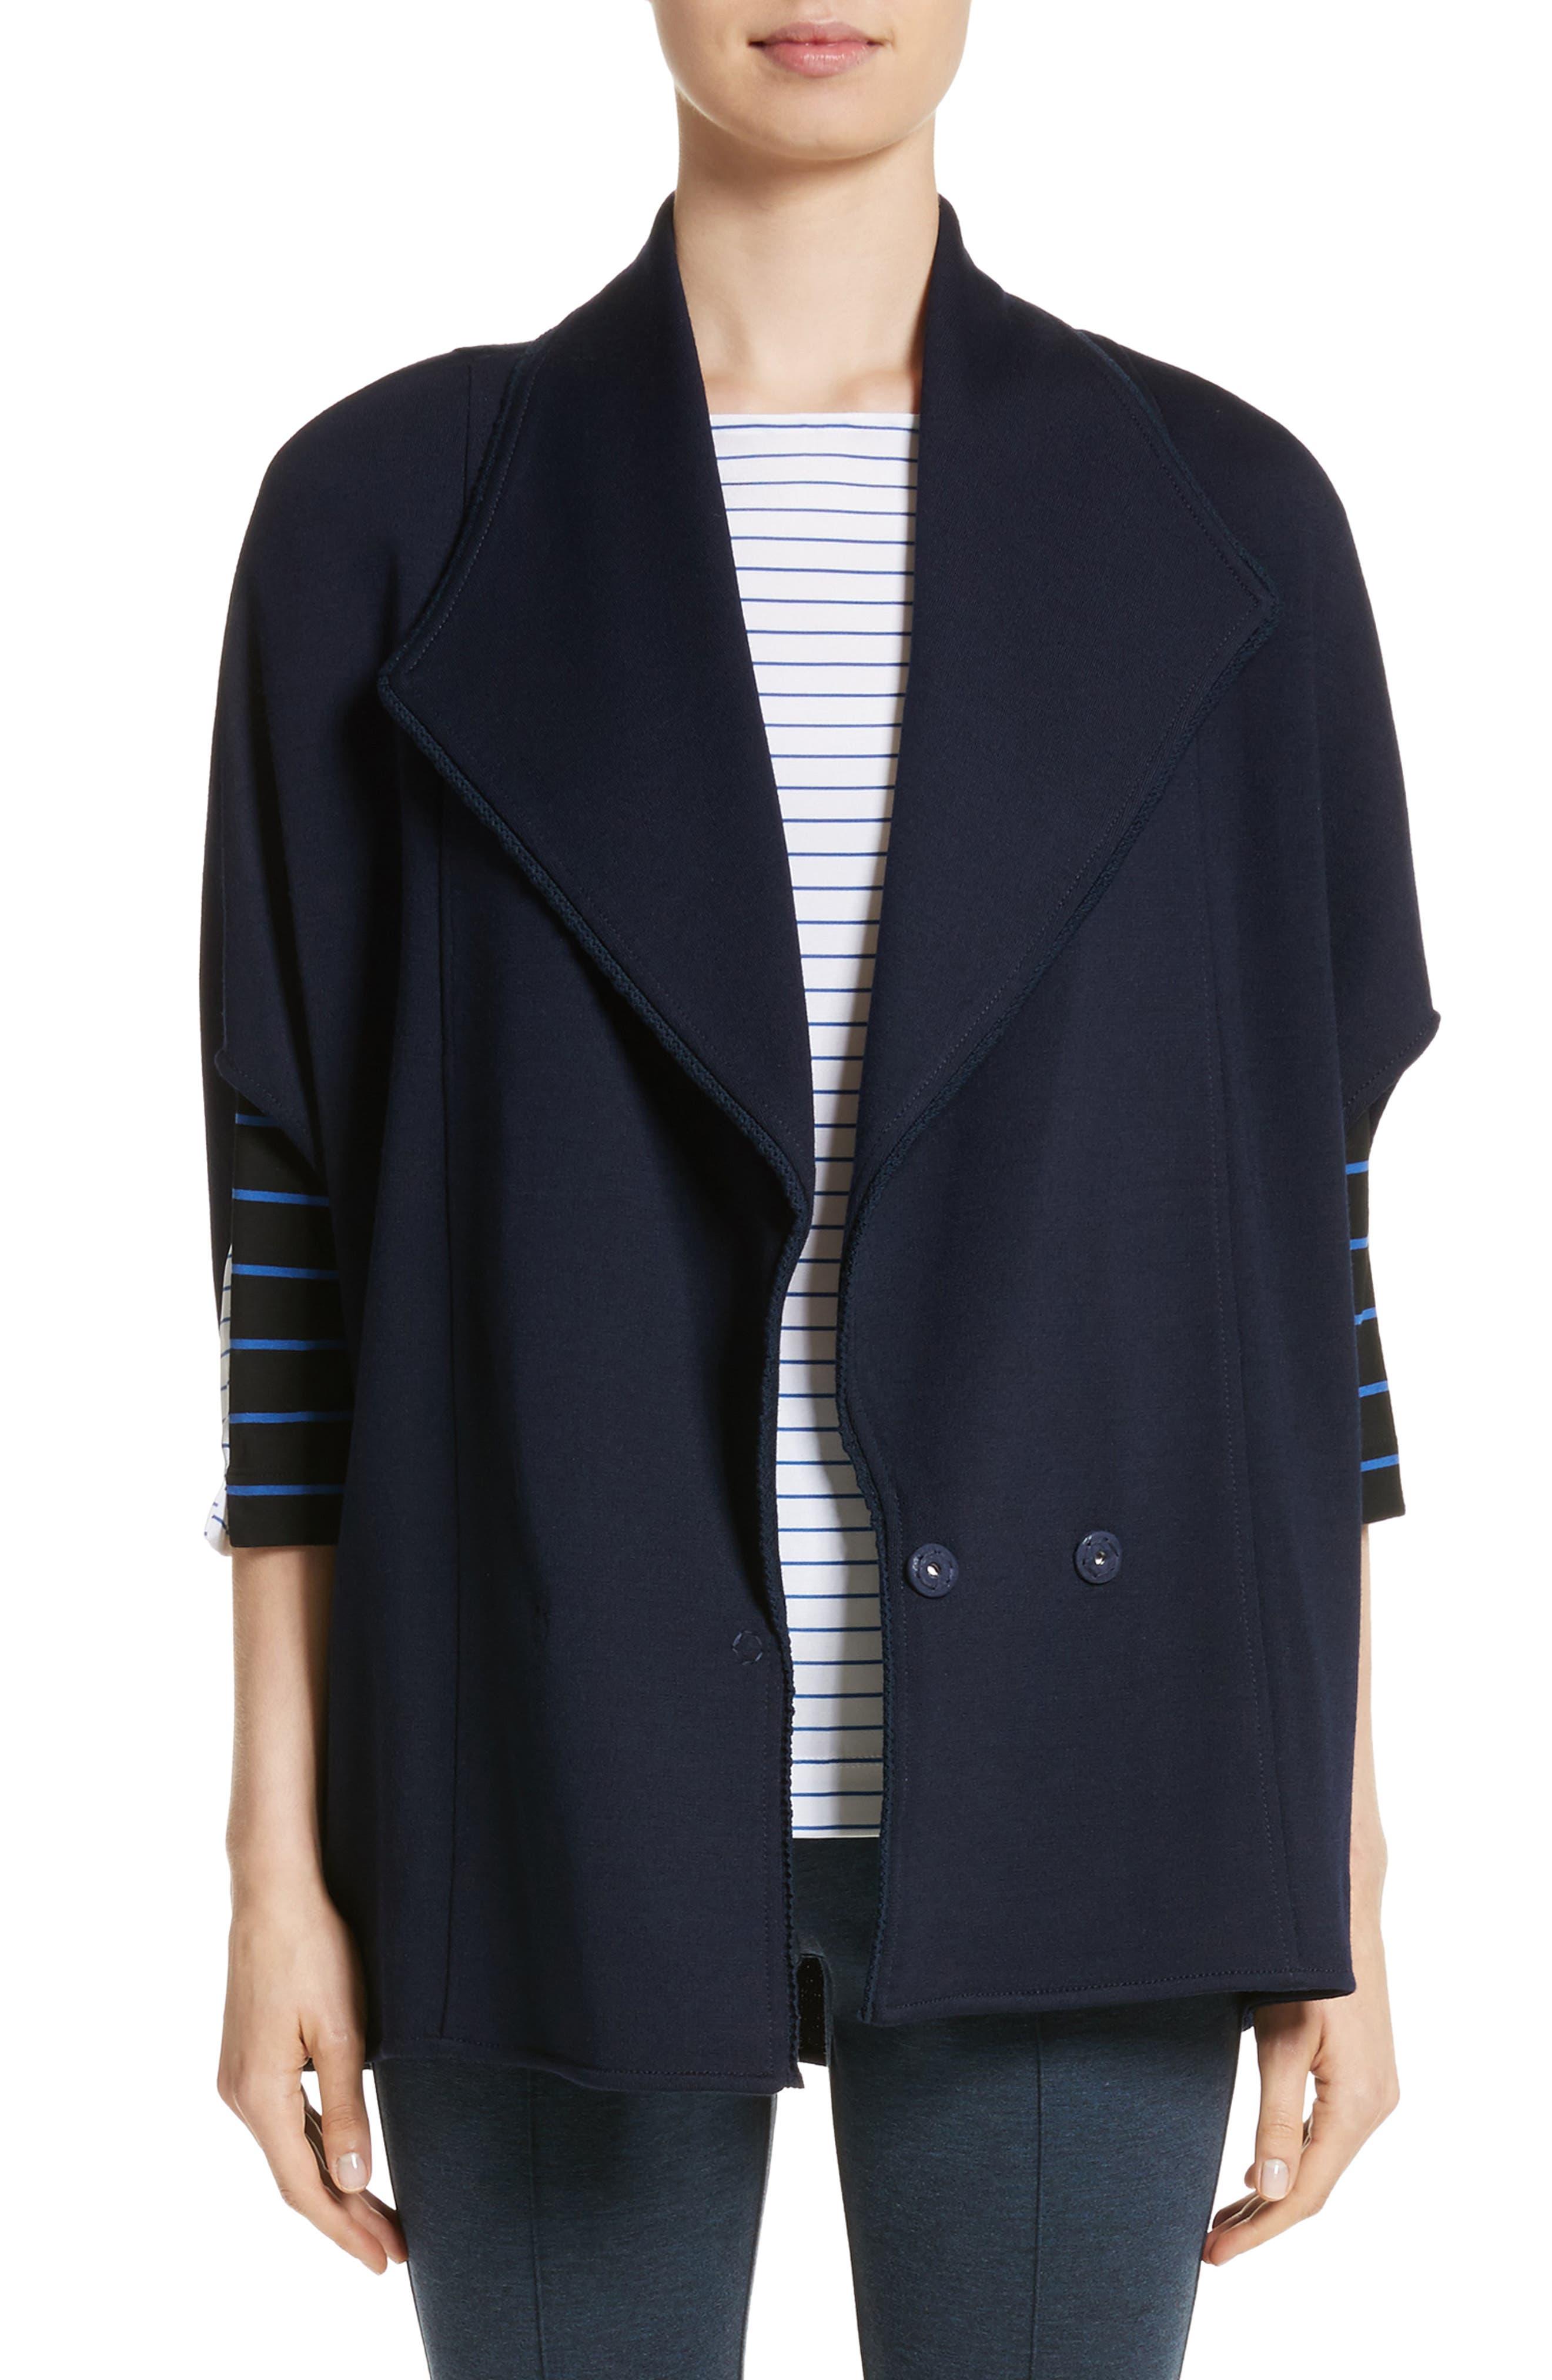 Circular Milano Knit Jacket,                         Main,                         color, Navy